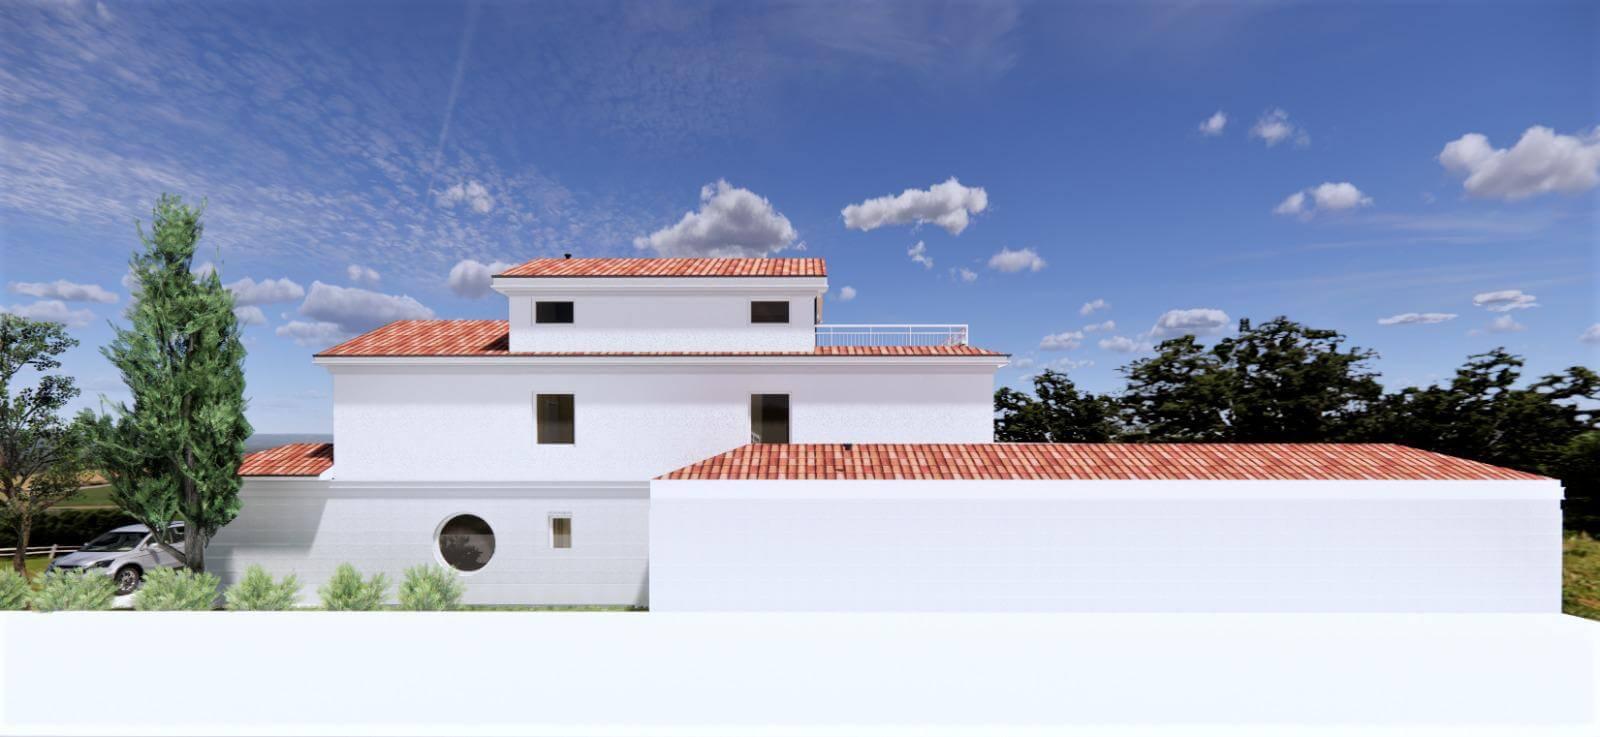 Veľký rozostavaný rodinný dom, 3NP spolu 355,13m2,pozemok 650m2,Novalja, na ostrove Pag, Chorvátsko-9